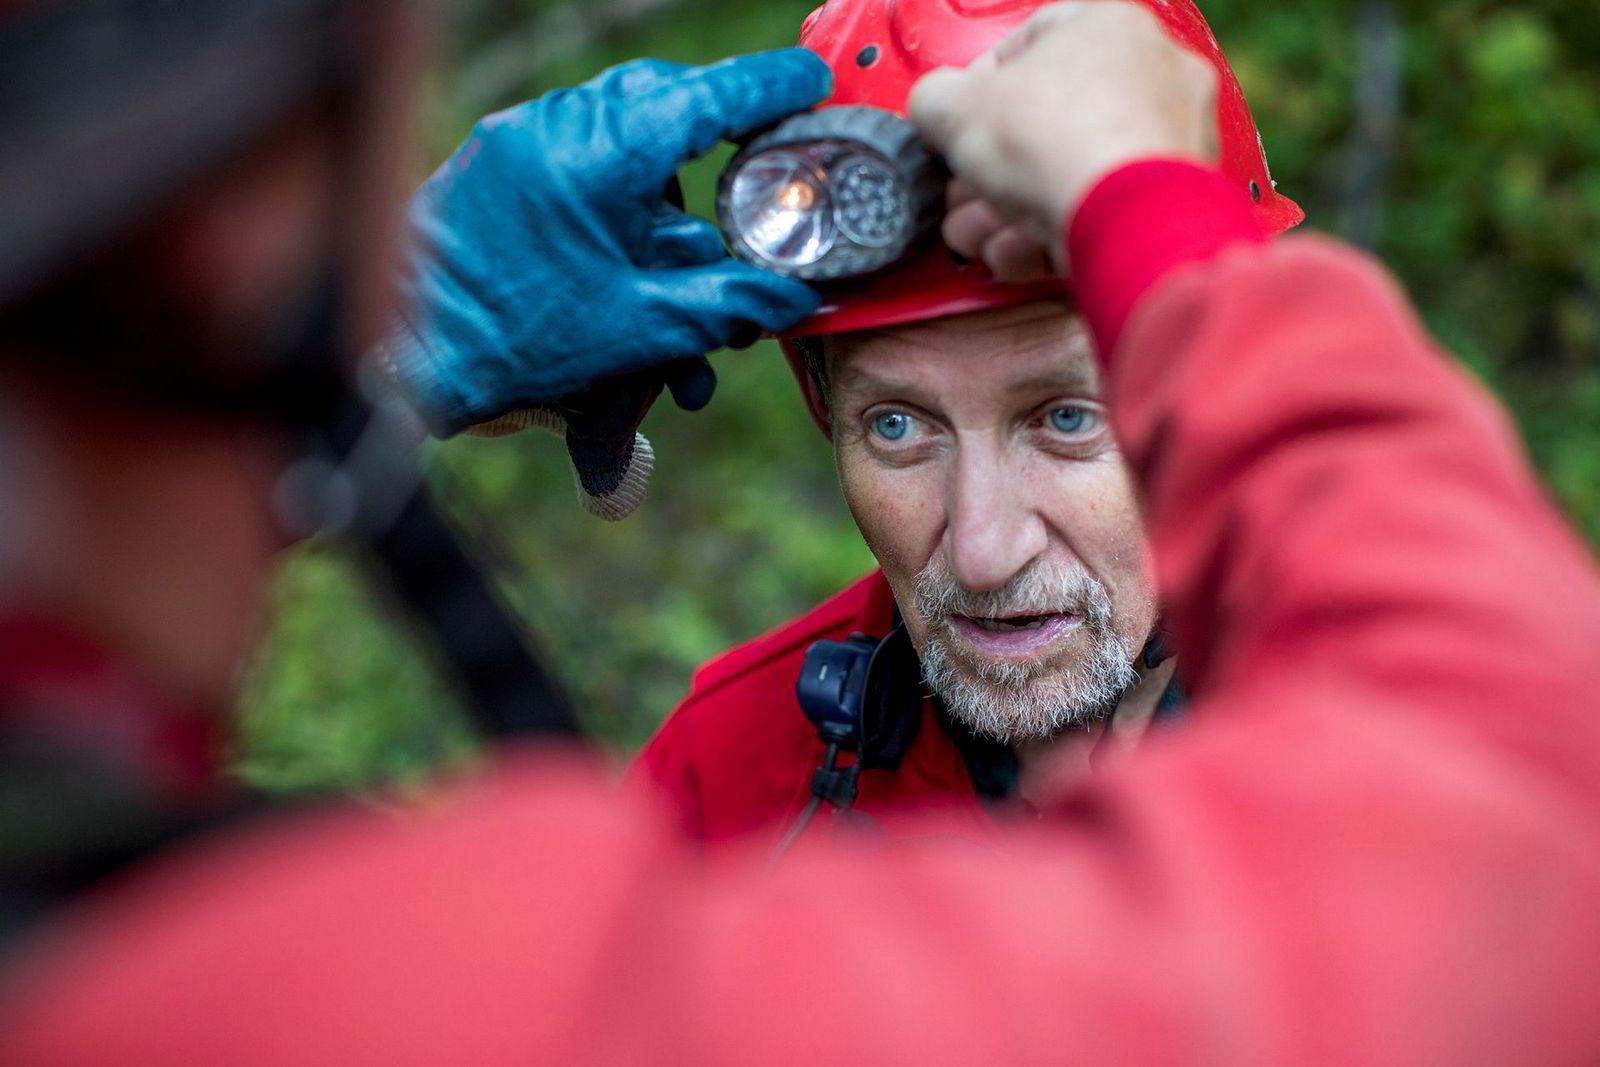 David St. Pierre får hjelp til å rette opp hodelykten før de går inn i grotten.